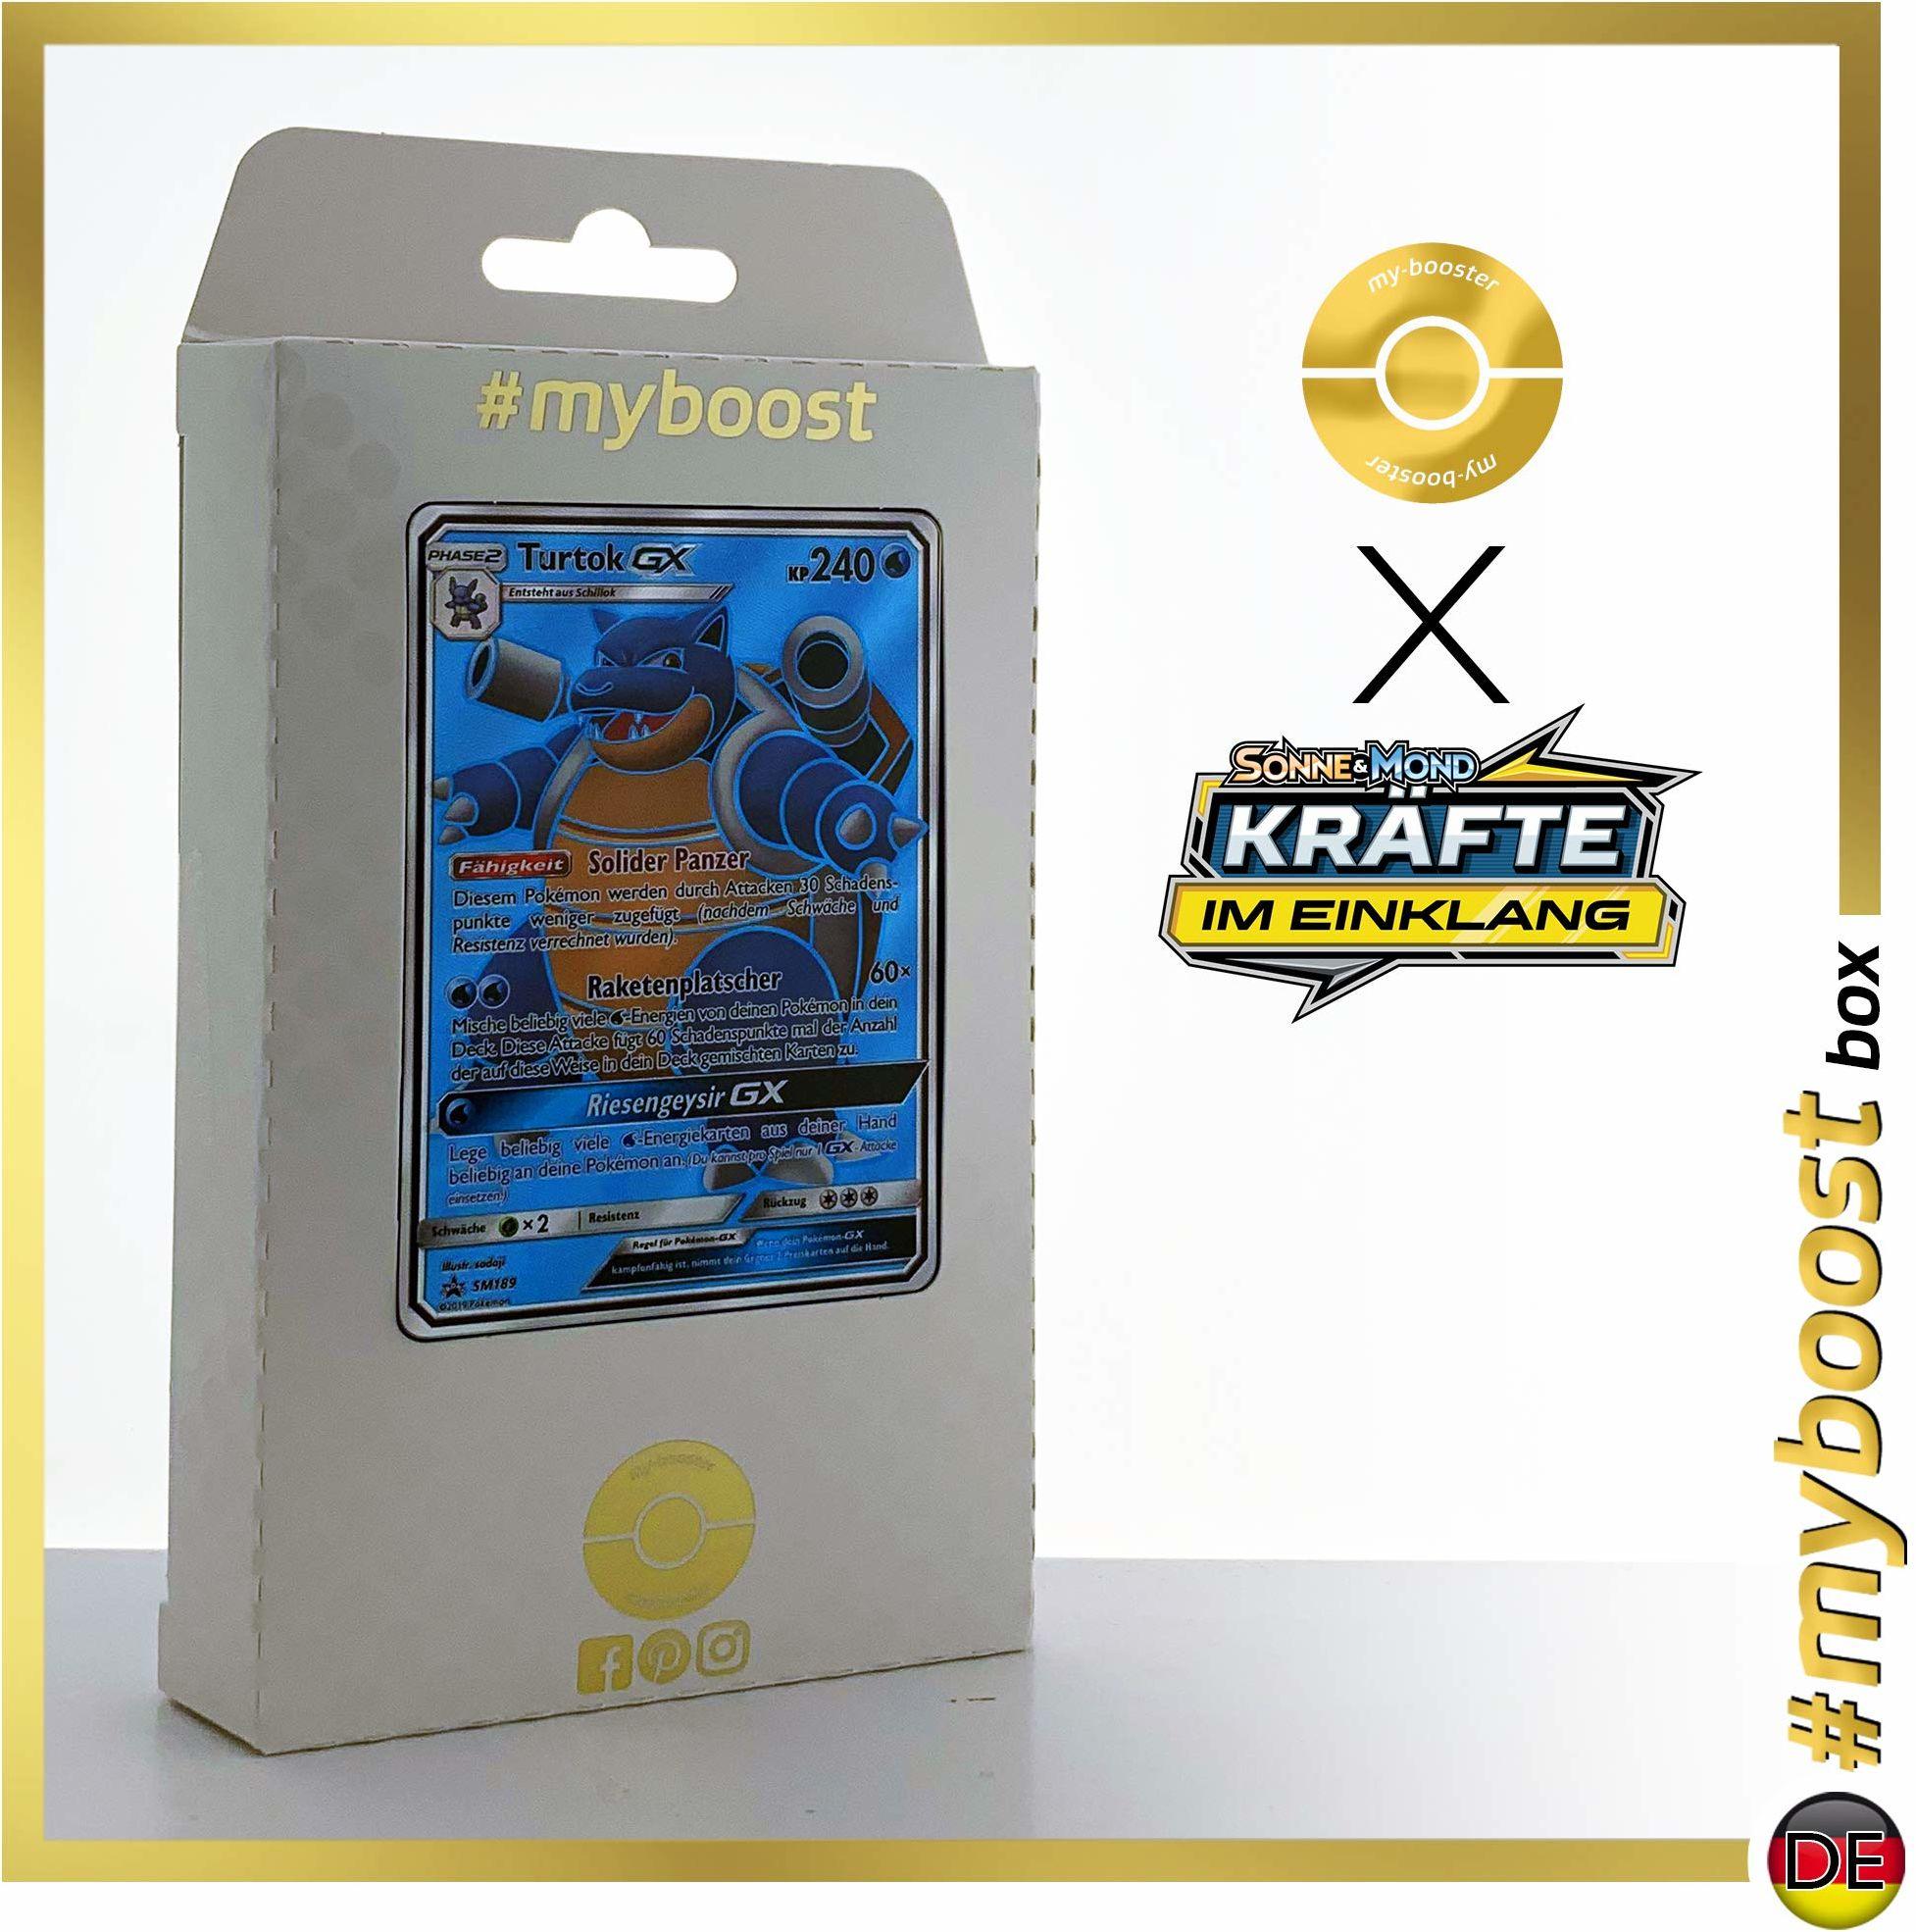 Turtok-GX SM189 Full Art  #myboost X słońce i księżyc 10 sił w harmonii  pudełko z 10 niemieckimi kartkami Pokémon